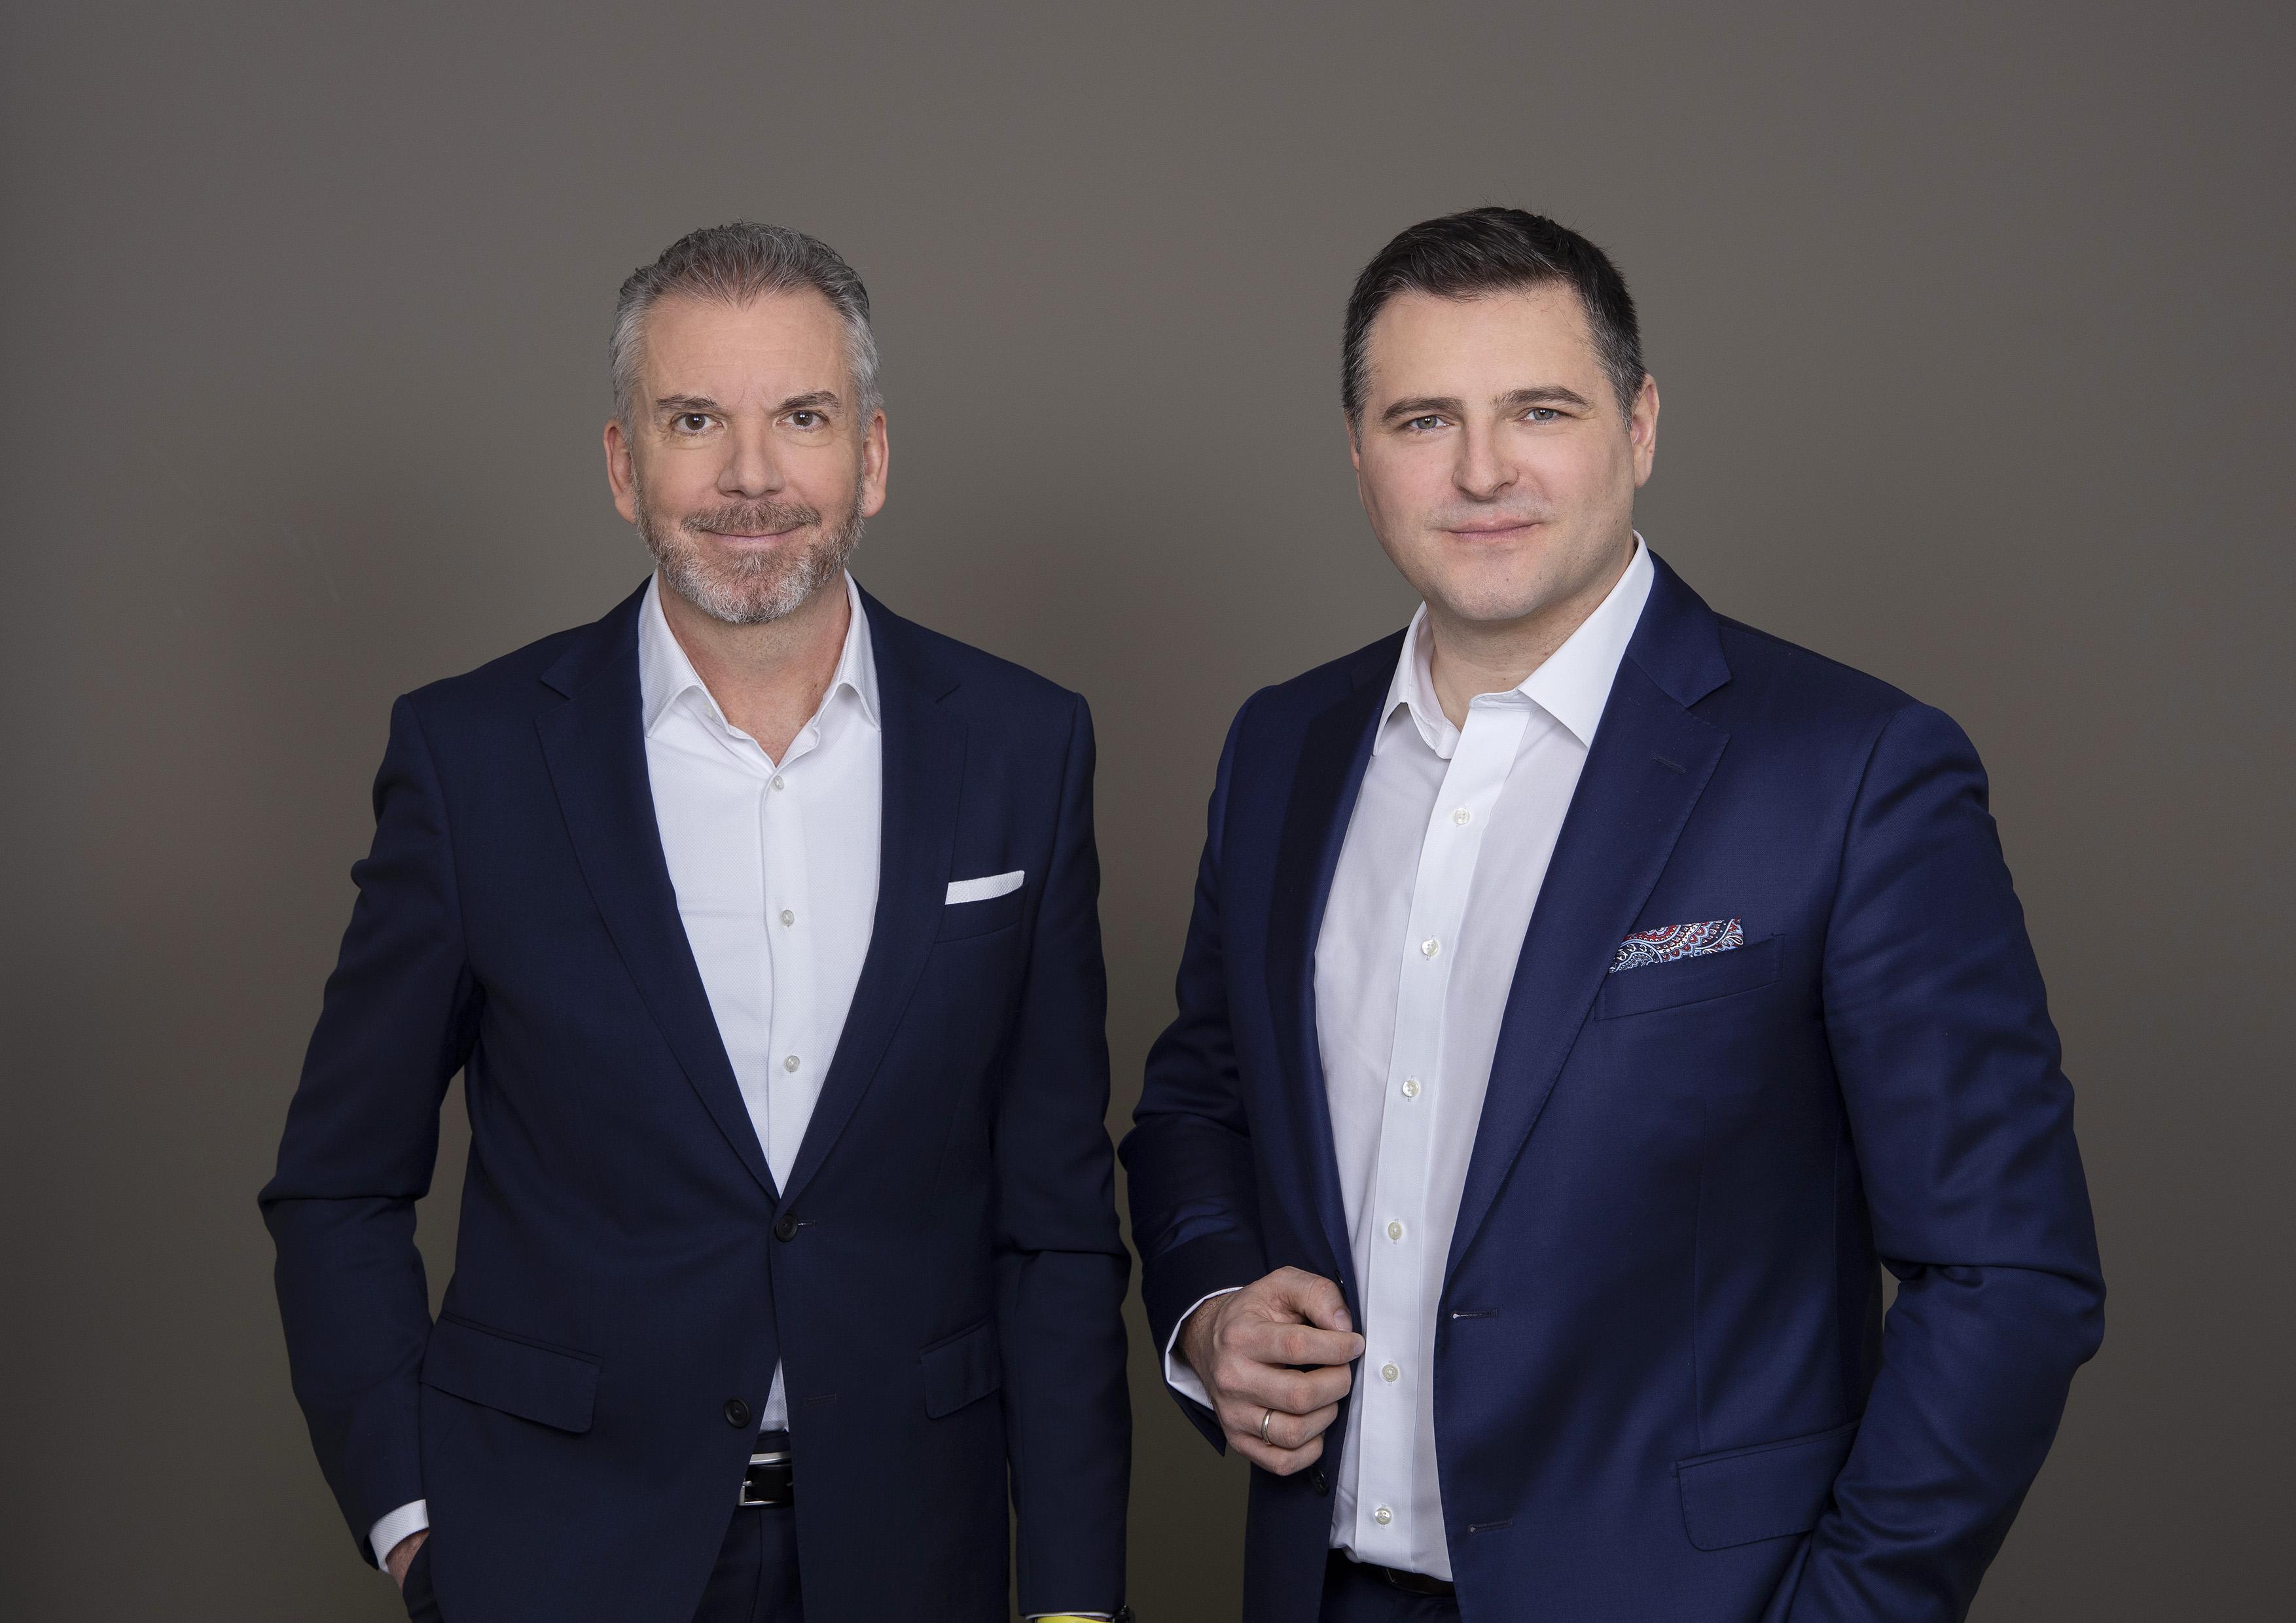 Neue Doppelspitze für die 6B47 Austria: Christian Polak und Christian Wagner